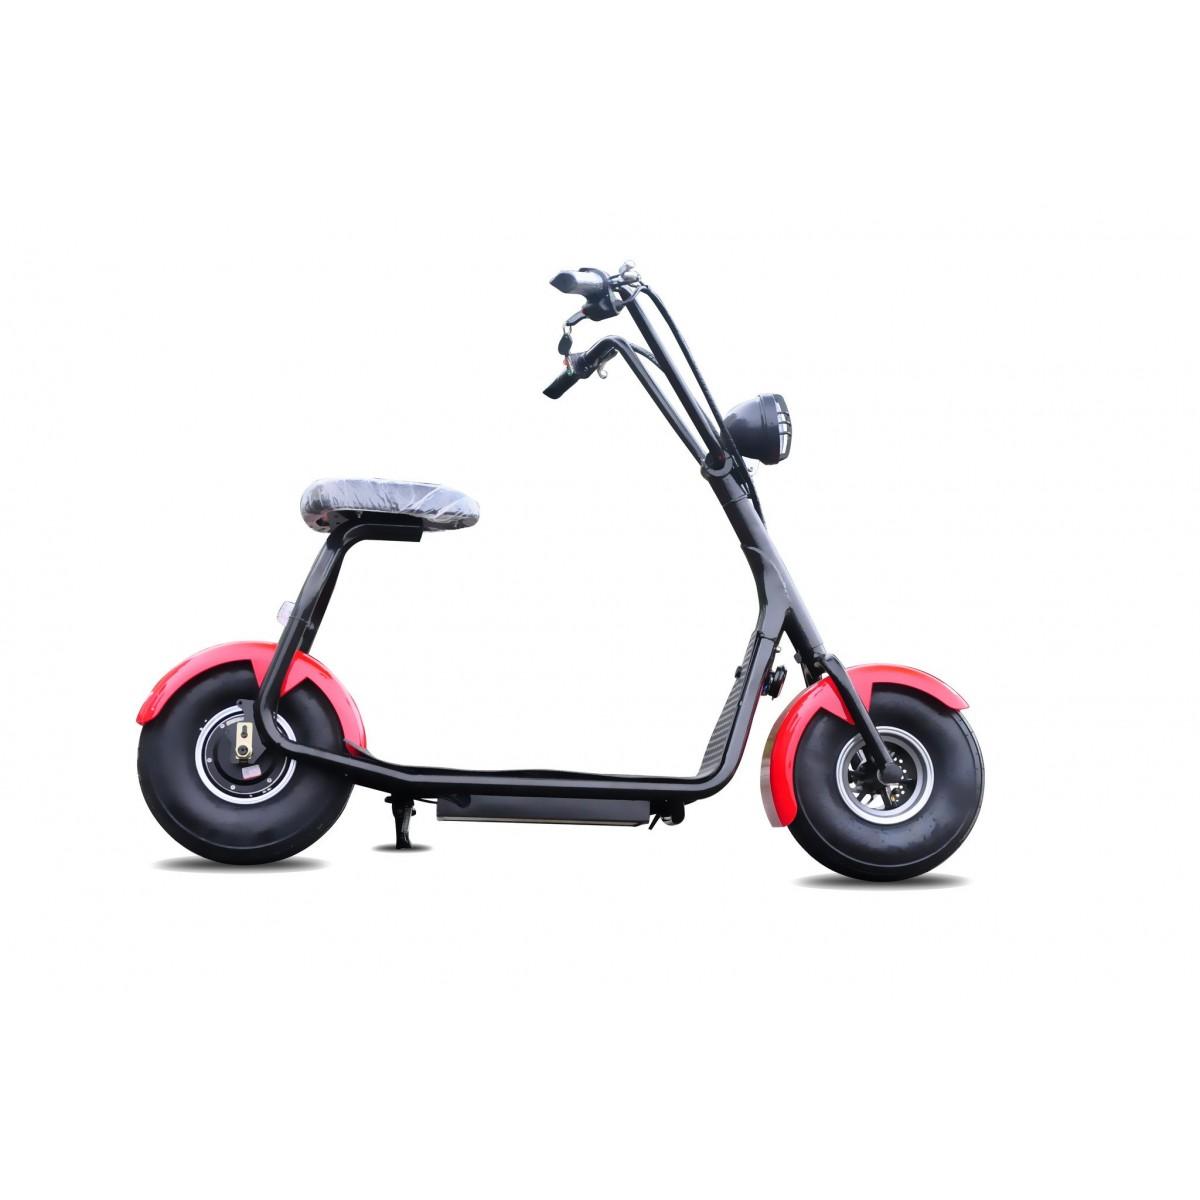 Scooter électrique Mini Coco Junior 500W